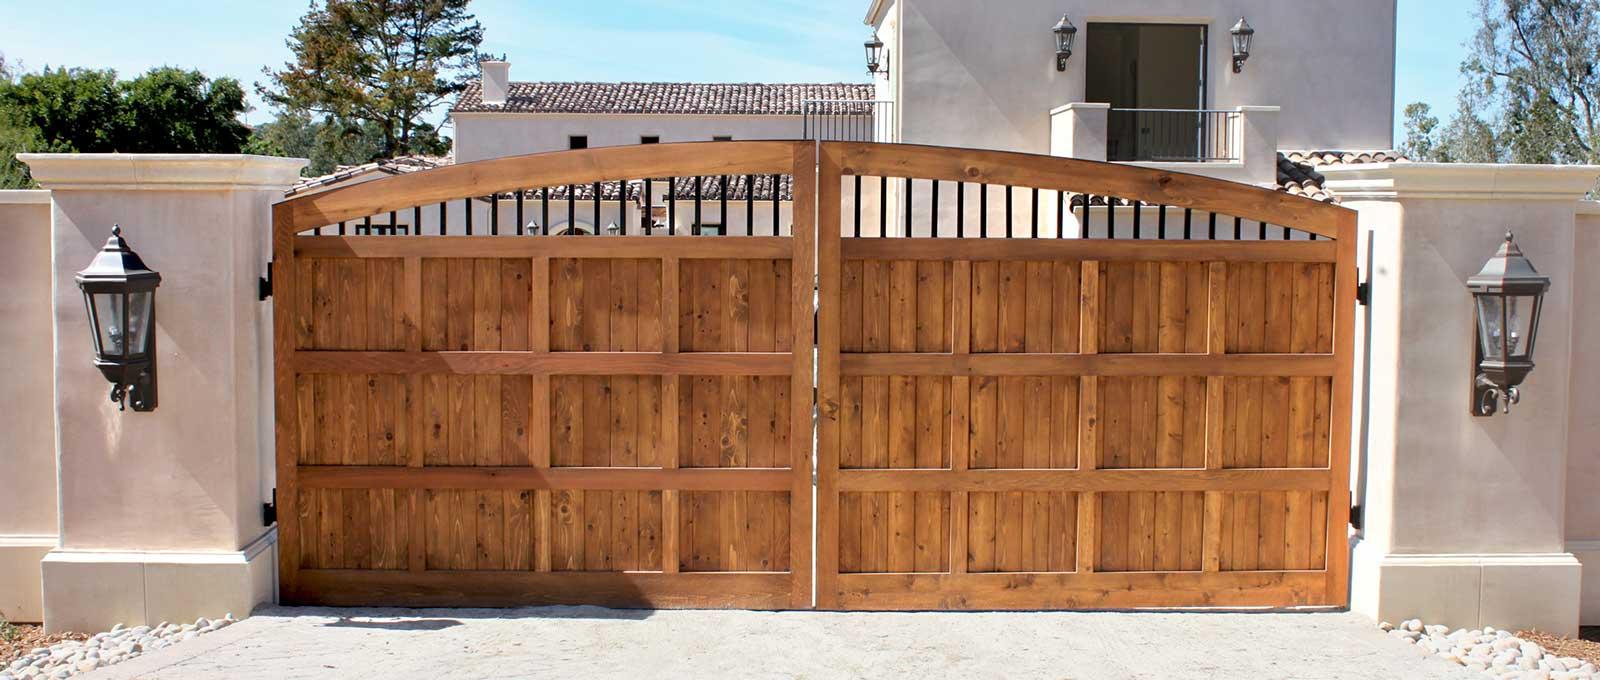 Gate Servicing